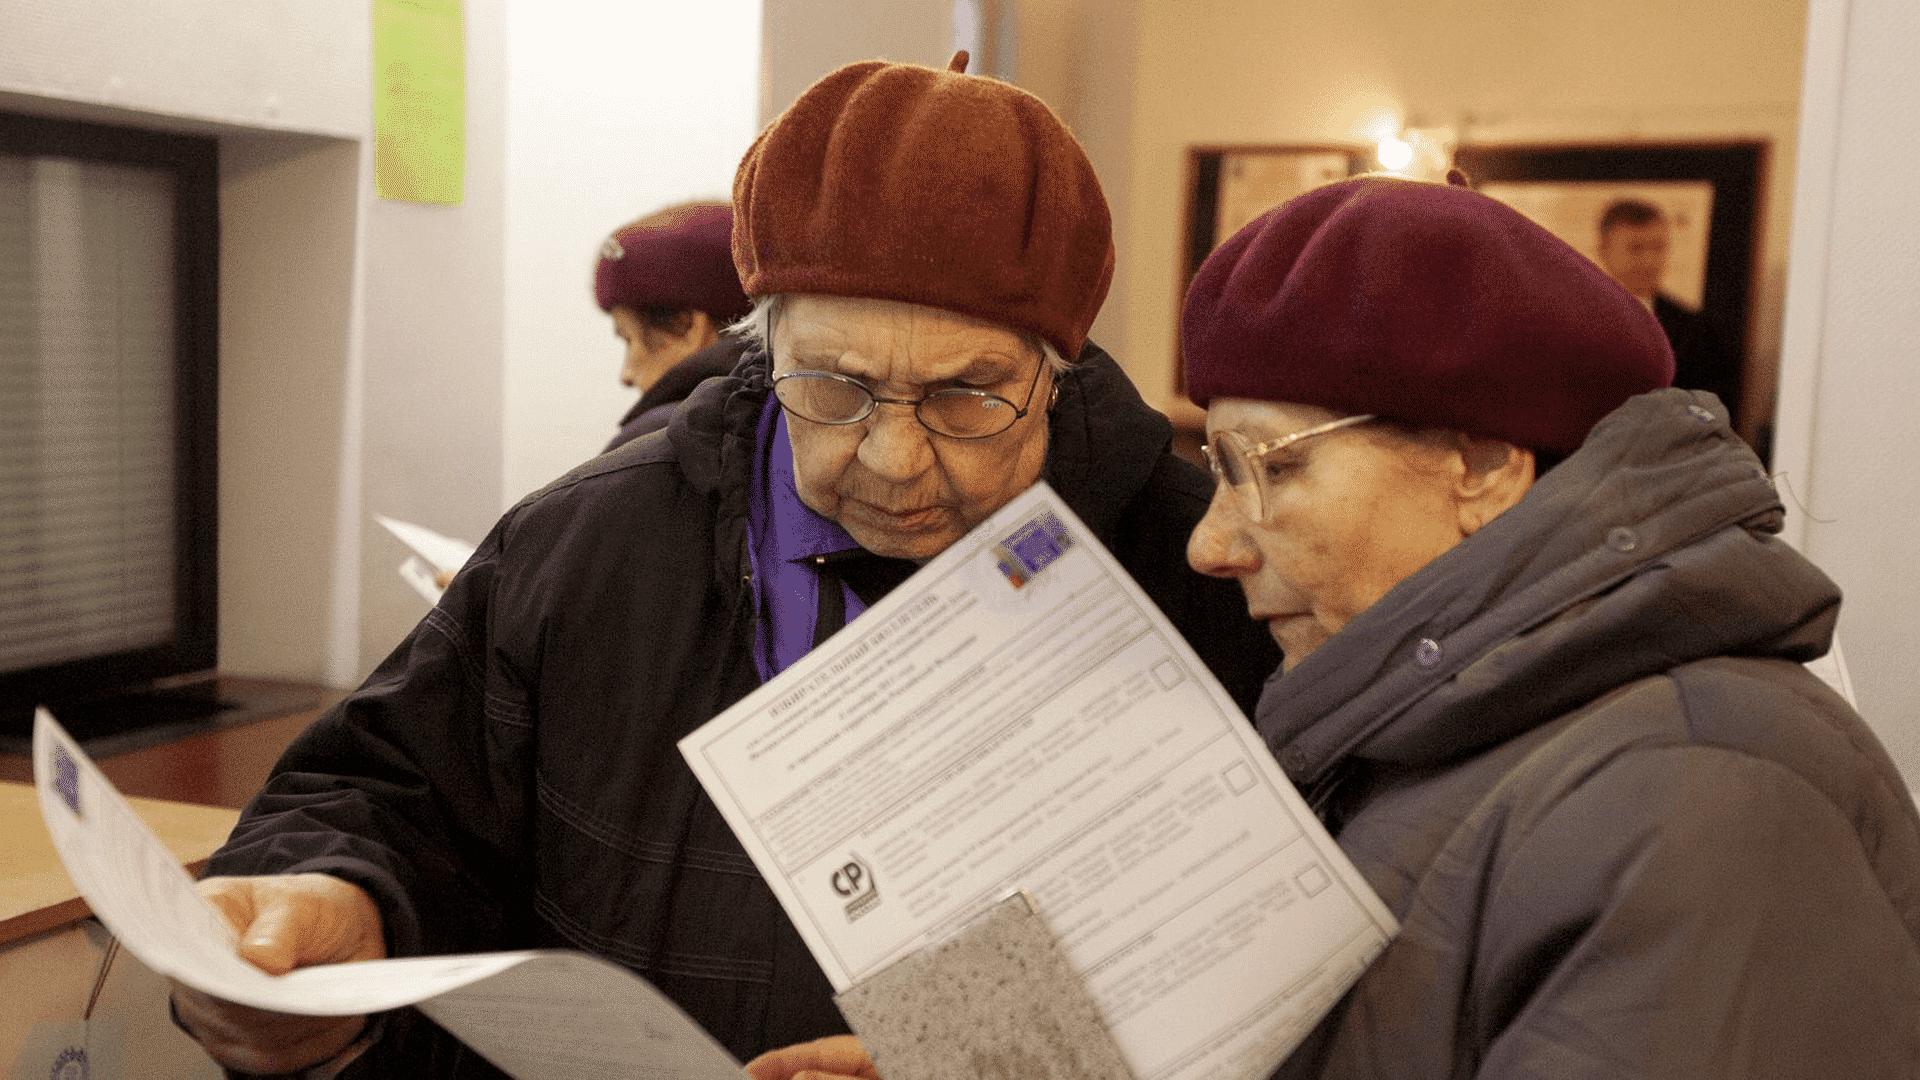 Пенсия за январь 2020 года: когда дадут в декабре 2019 или в январе 2020